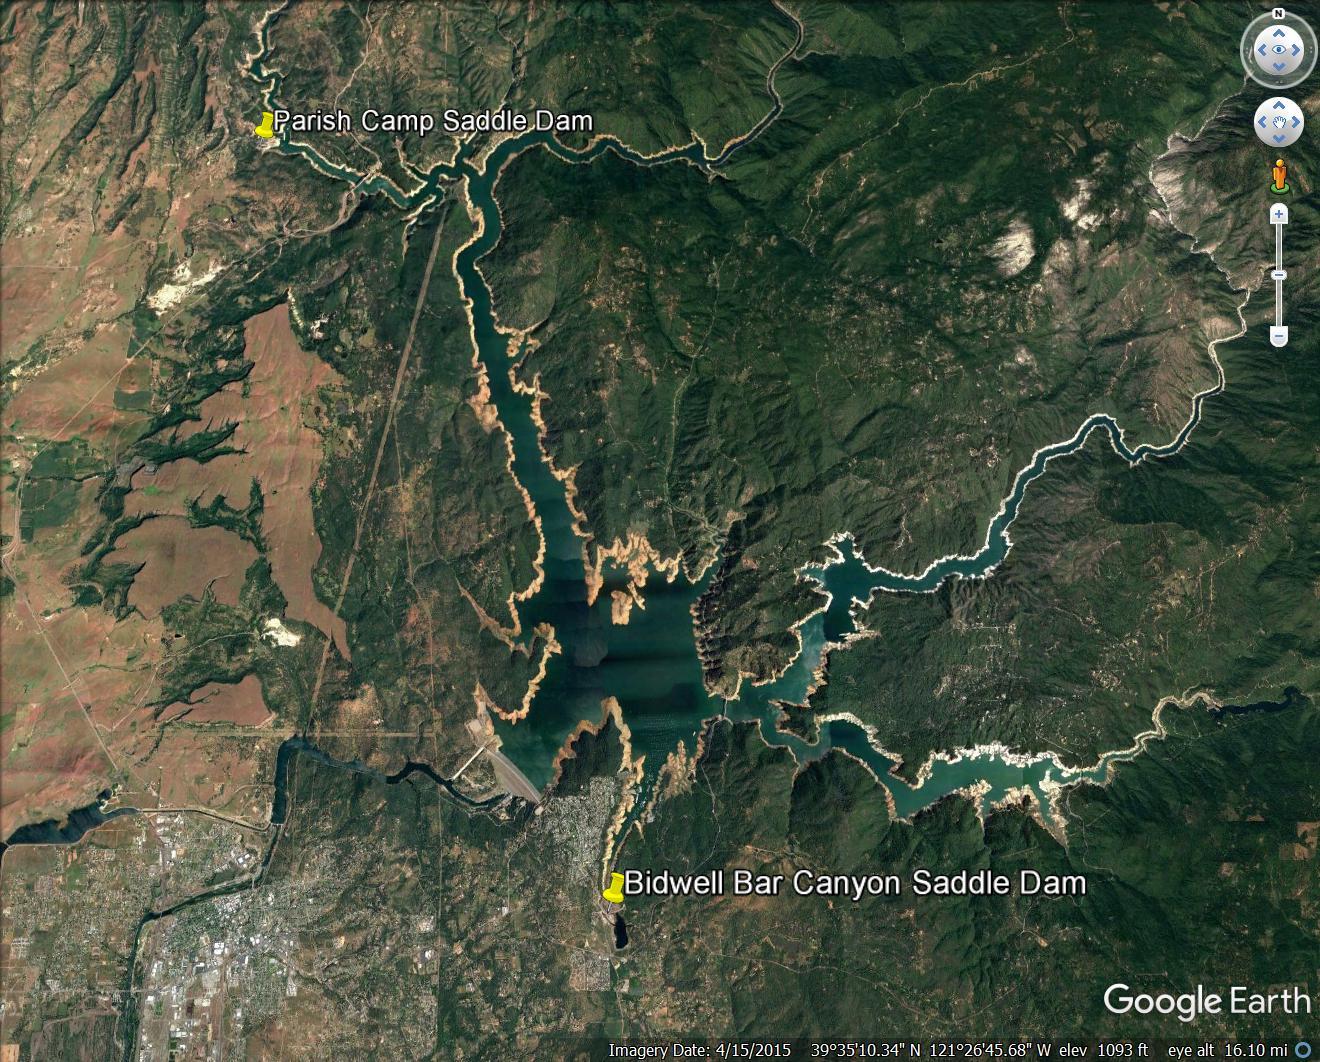 saddle dam locations in GE.